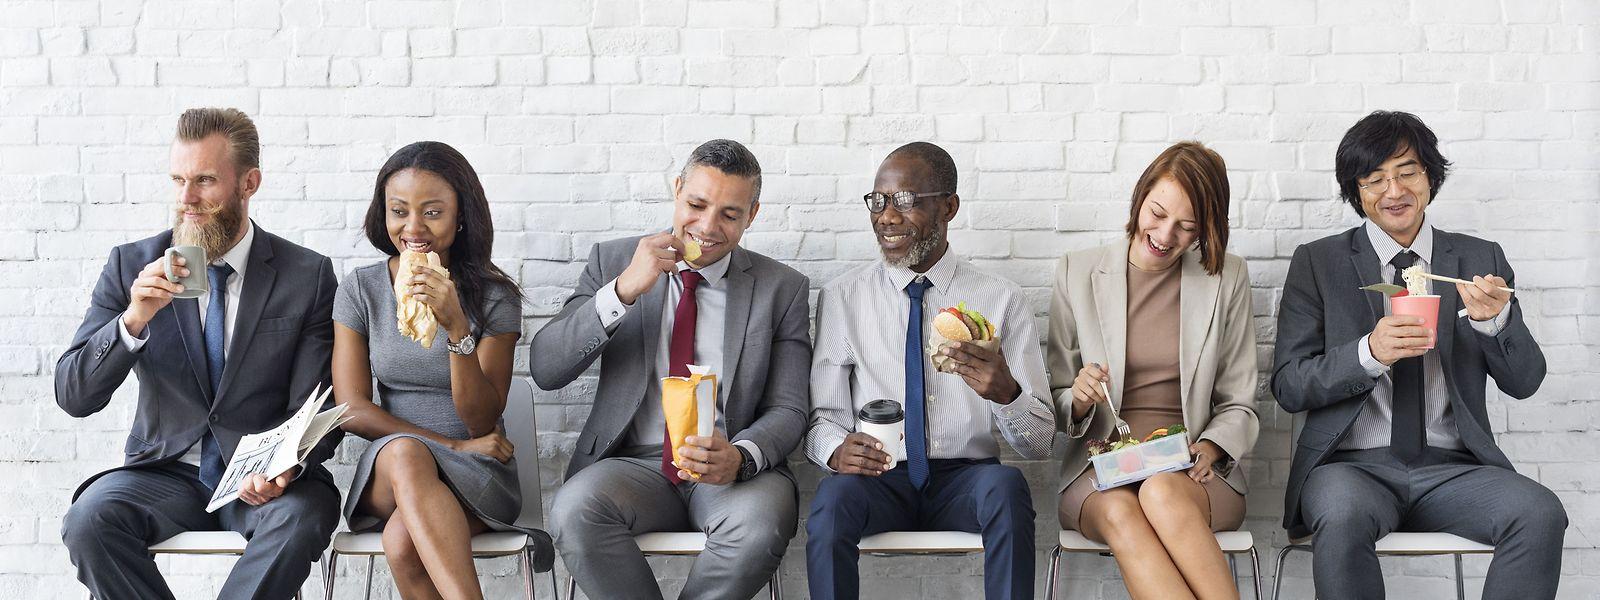 Durch das Wegfallen der hierarchischen Struktur werden alle Mitarbeiter in die Entscheidungsprozesse mit eingebunden.